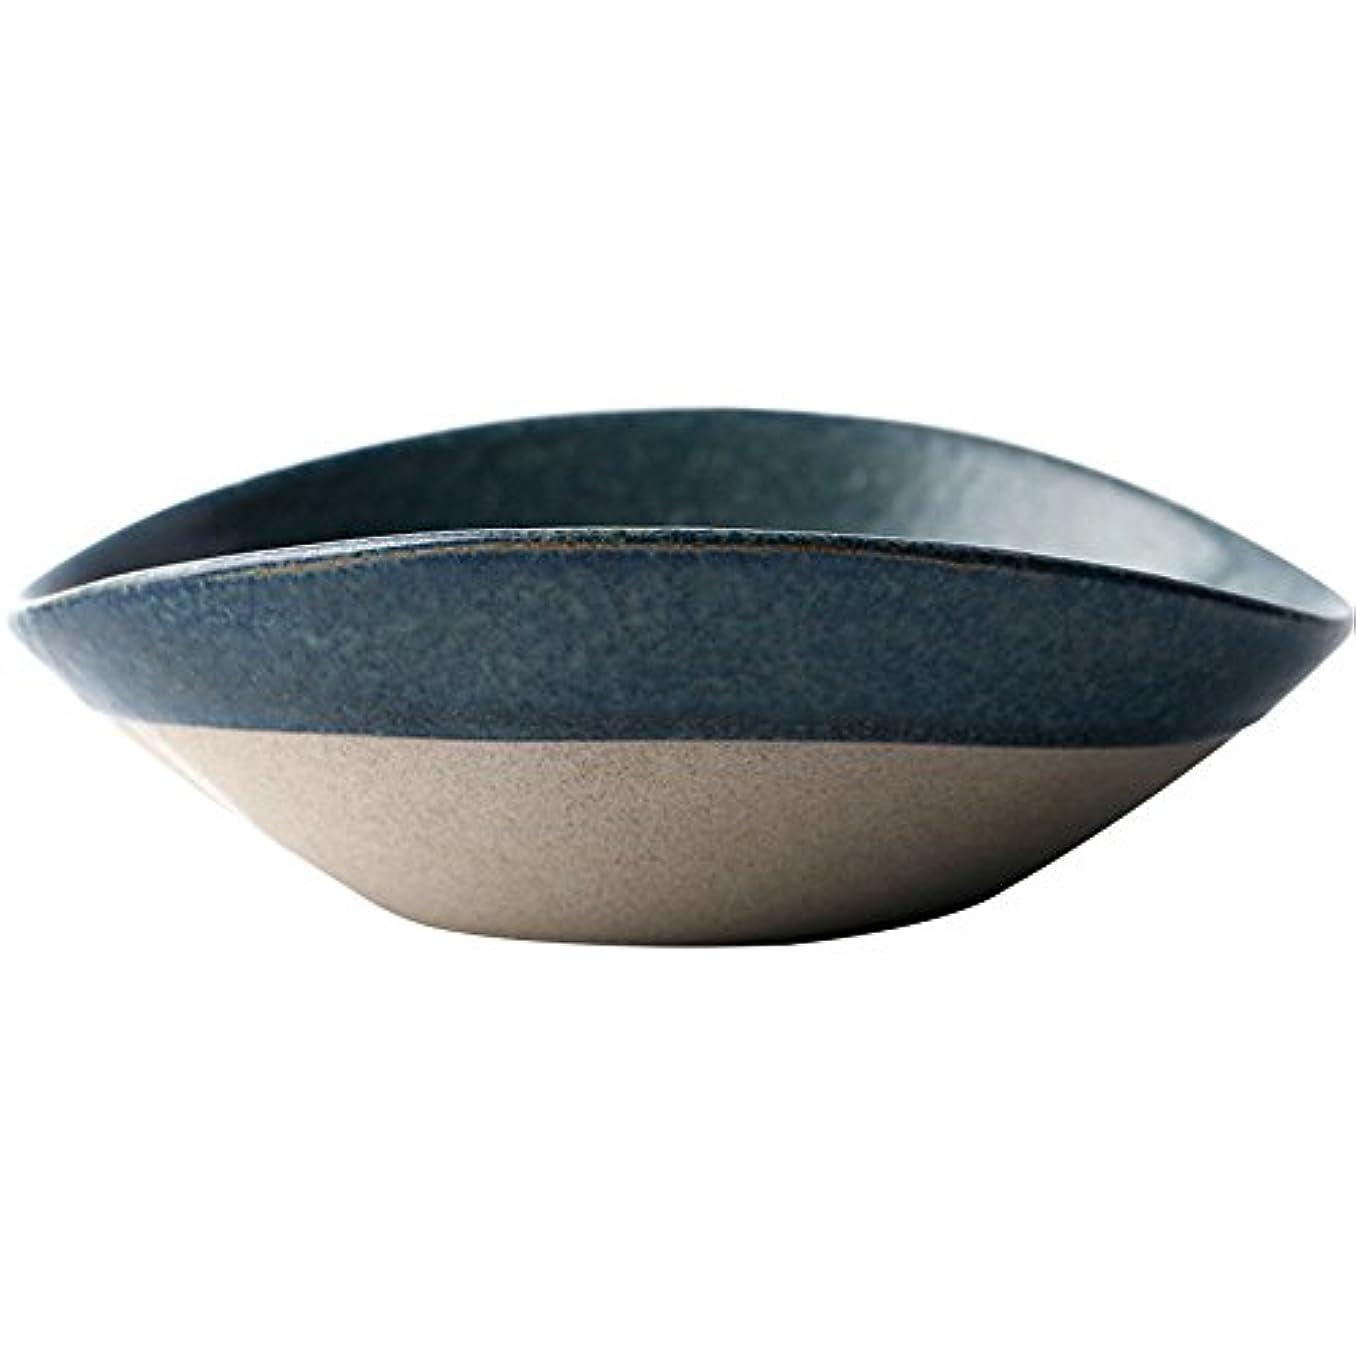 スポーツの試合を担当している人受取人卵家庭用和風不規則な陶器のボウル/サラダボウル/レトロな浅い口のボウル/スープのボウル/料理550ミリリットル